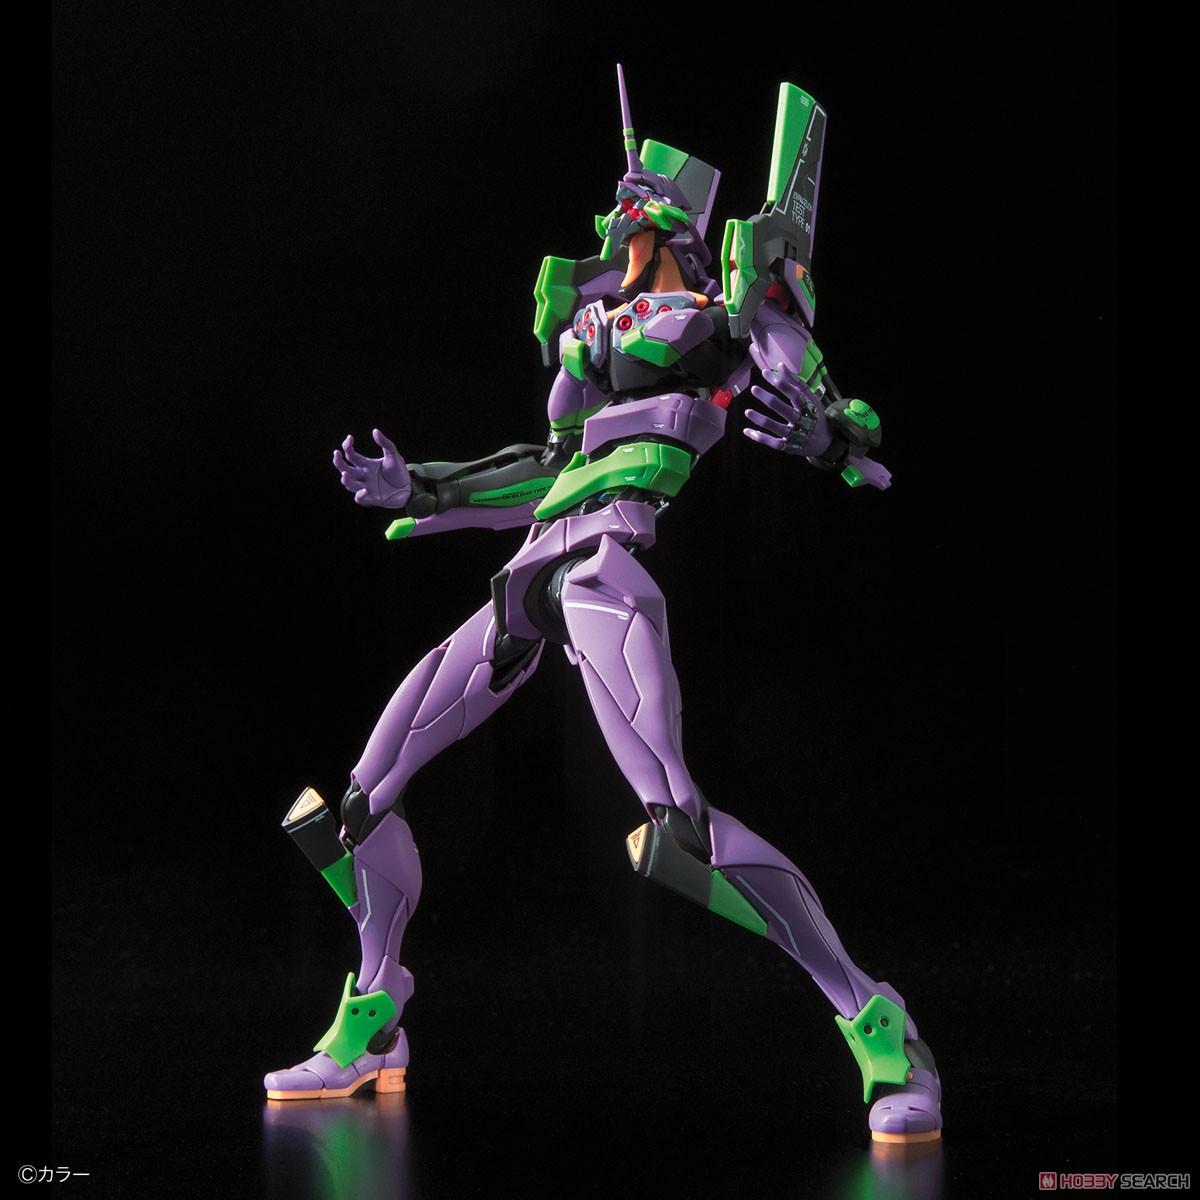 【8月再販】RG『汎用ヒト型決戦兵器 人造人間エヴァンゲリオン初号機』プラモデル-006